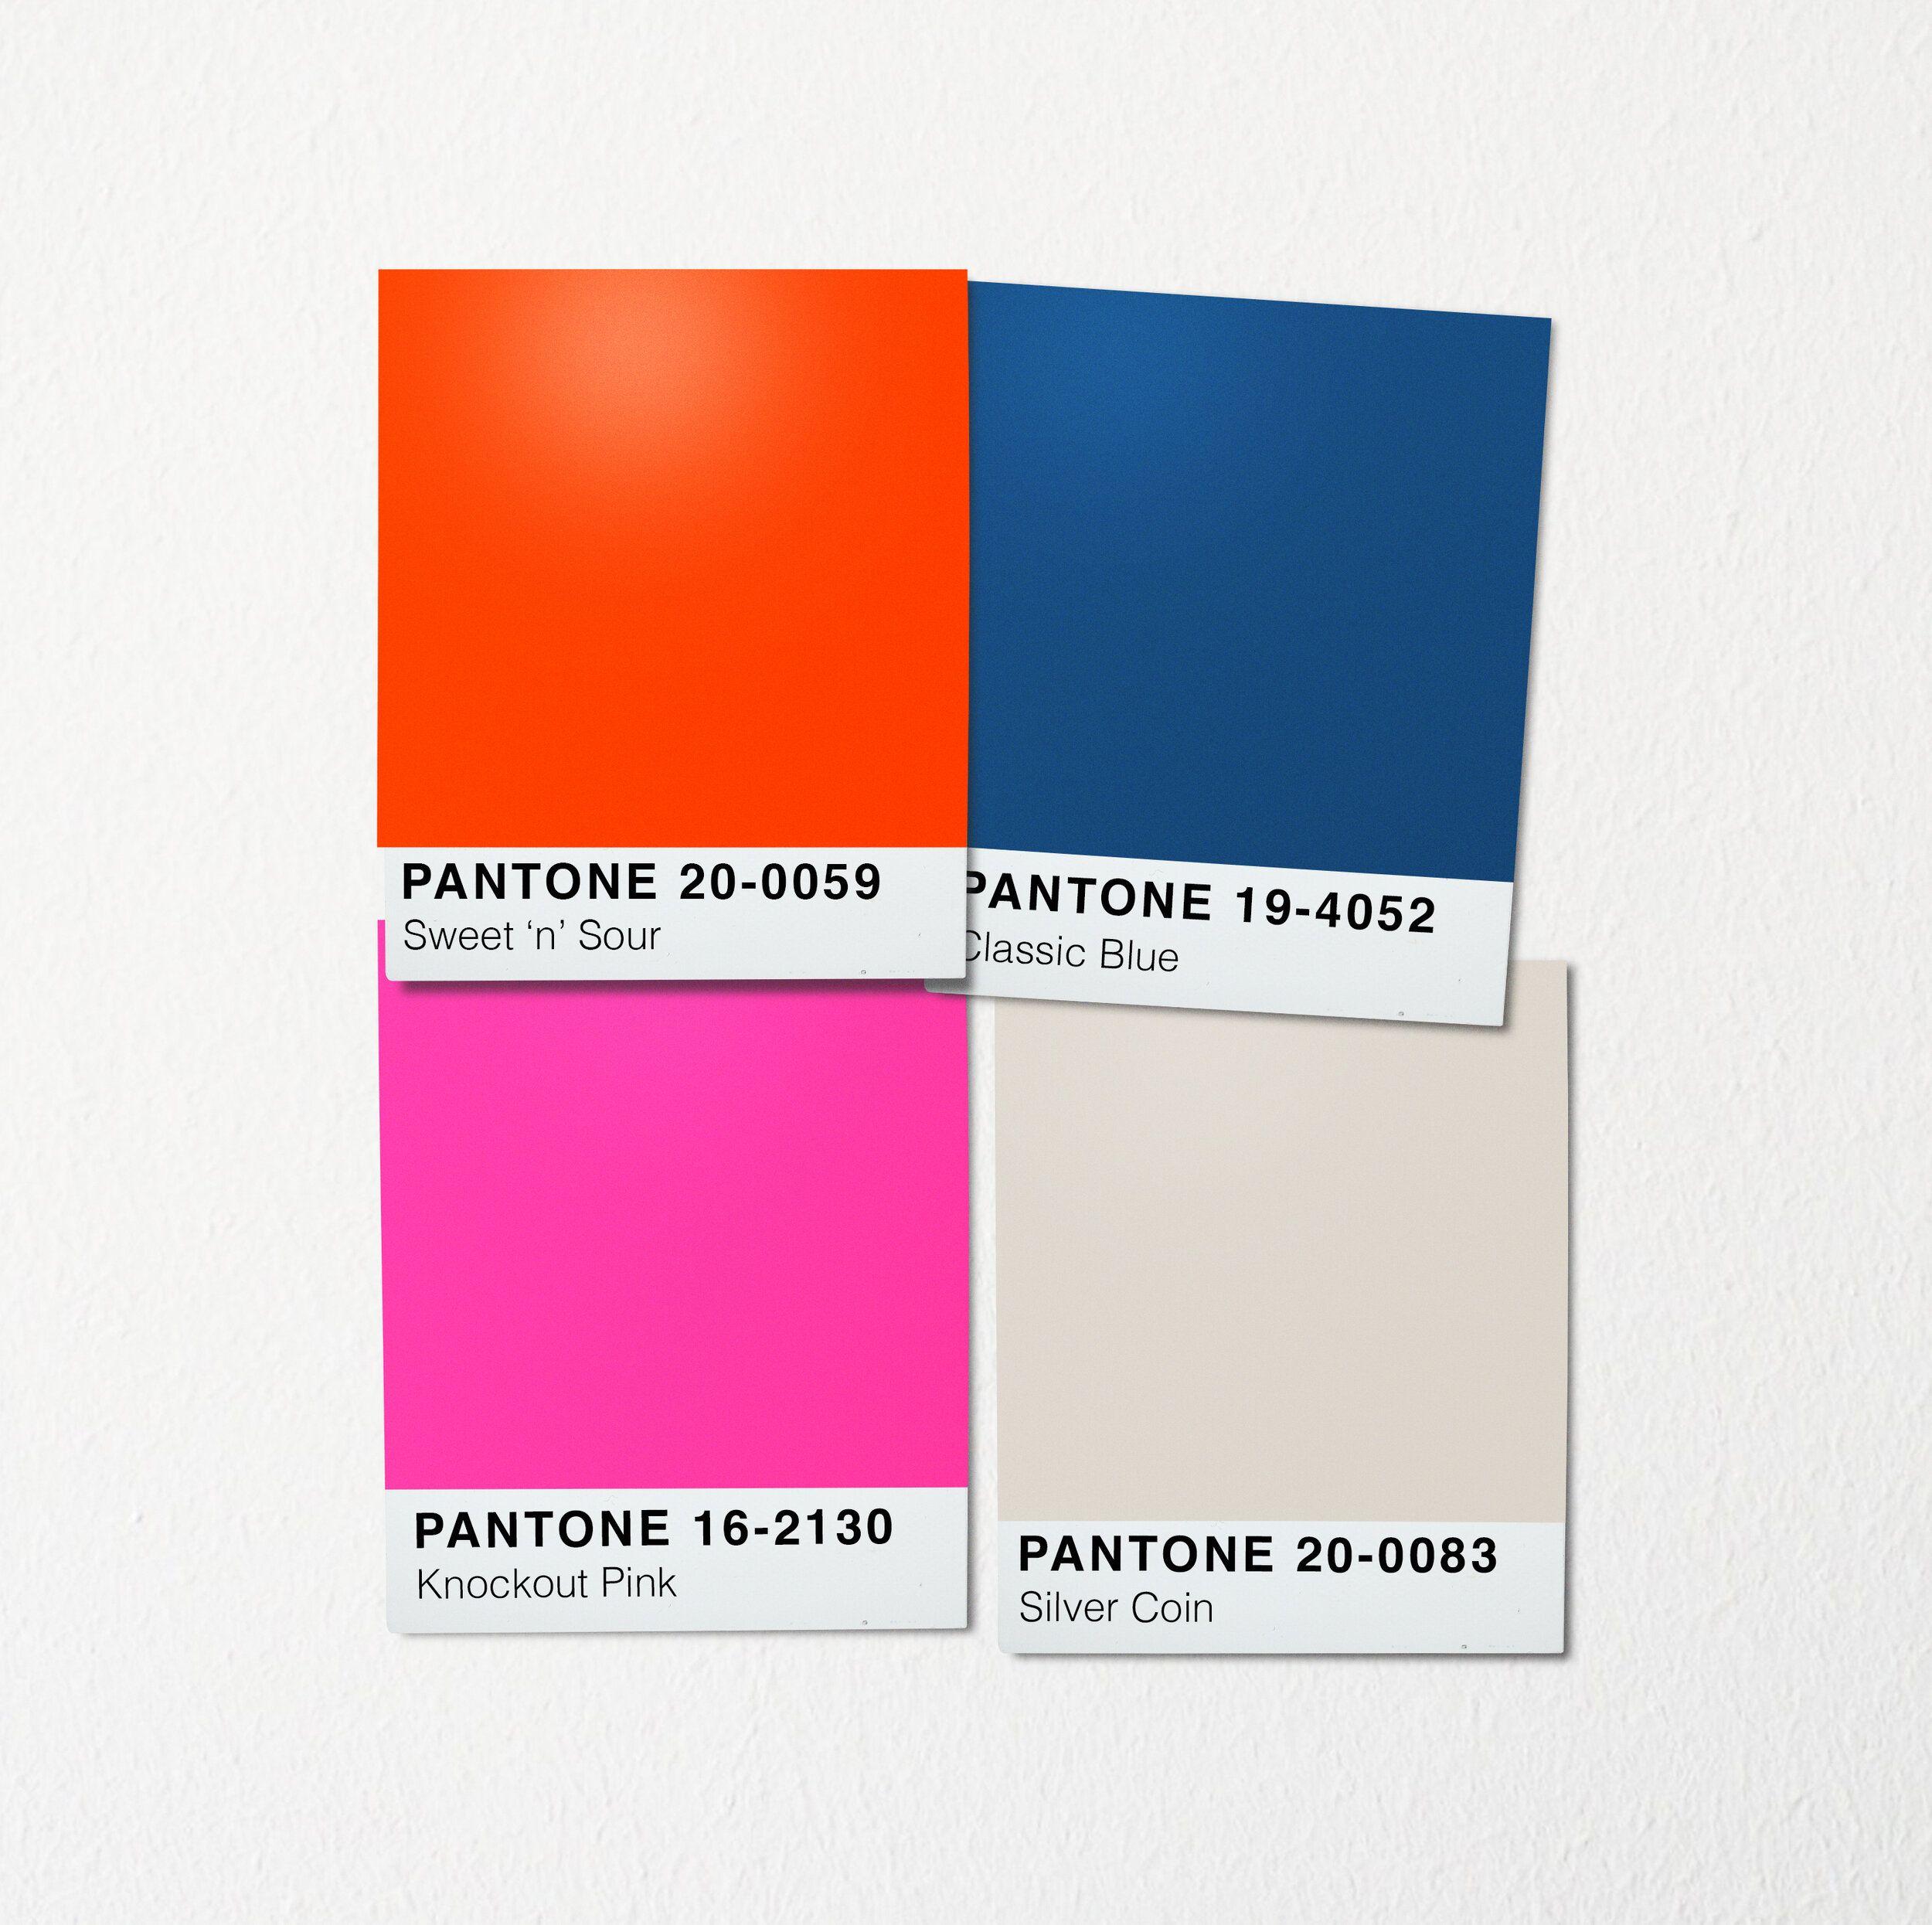 Pantone 2020 Classic Blue Color Scheme   Classic blue pantone, Classic  blue, Pantone pink